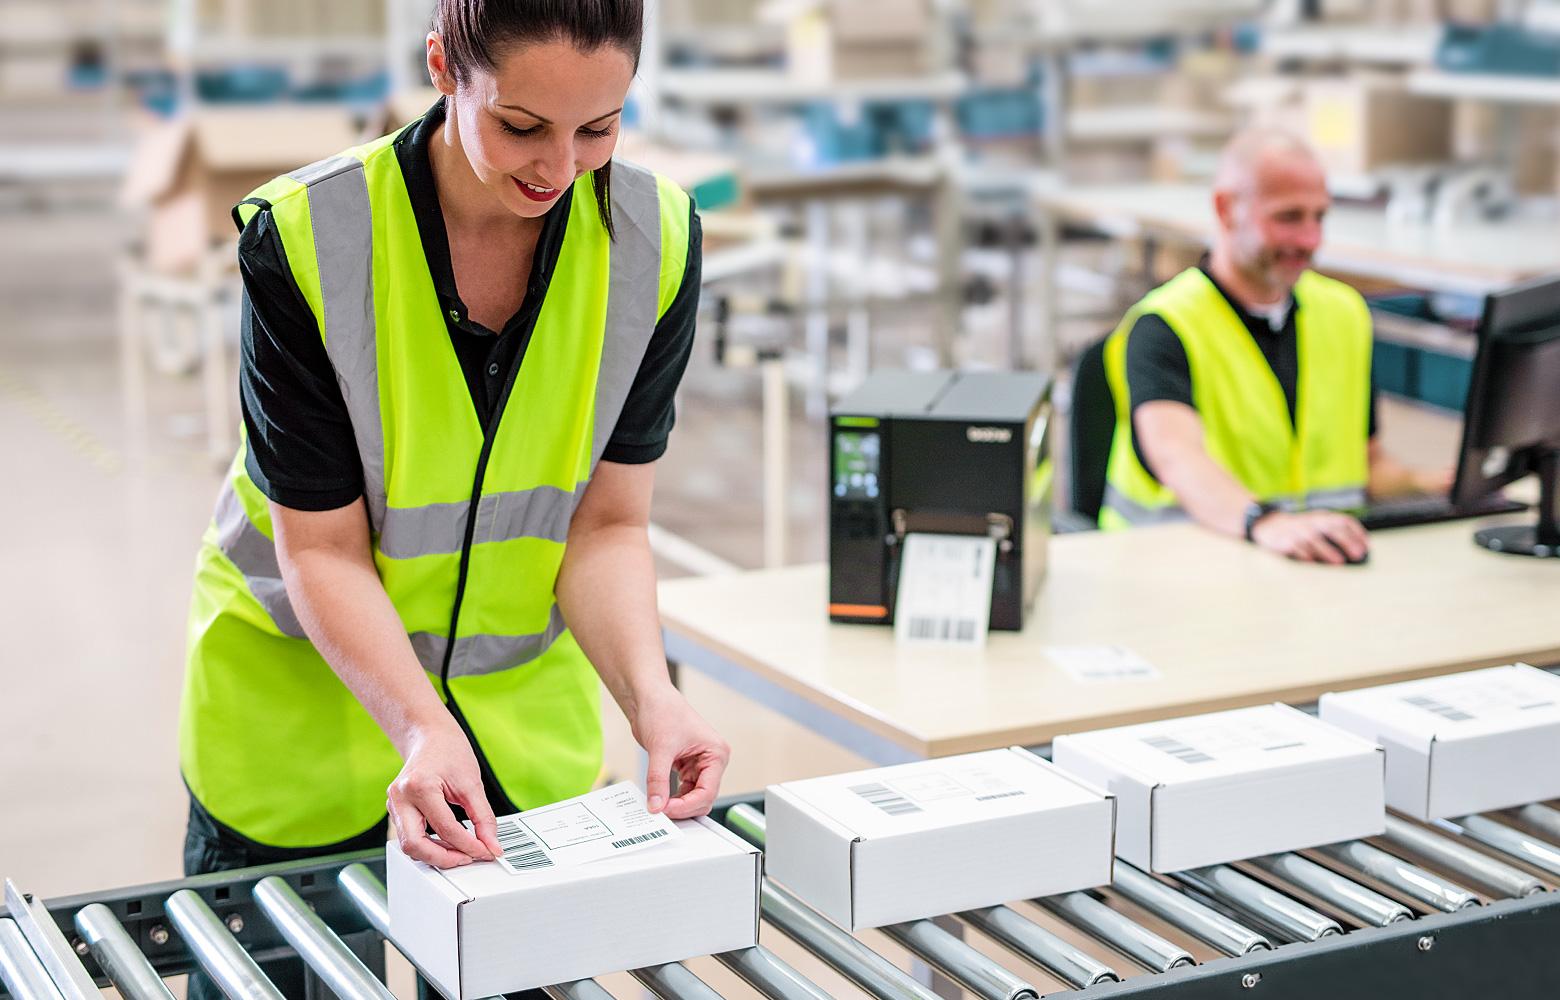 Frau in Warnweste klebt Etiketten auf Pakete, am Fließband stehend, TJ-Etikettebdrucker im Hintergrund auf Tisch